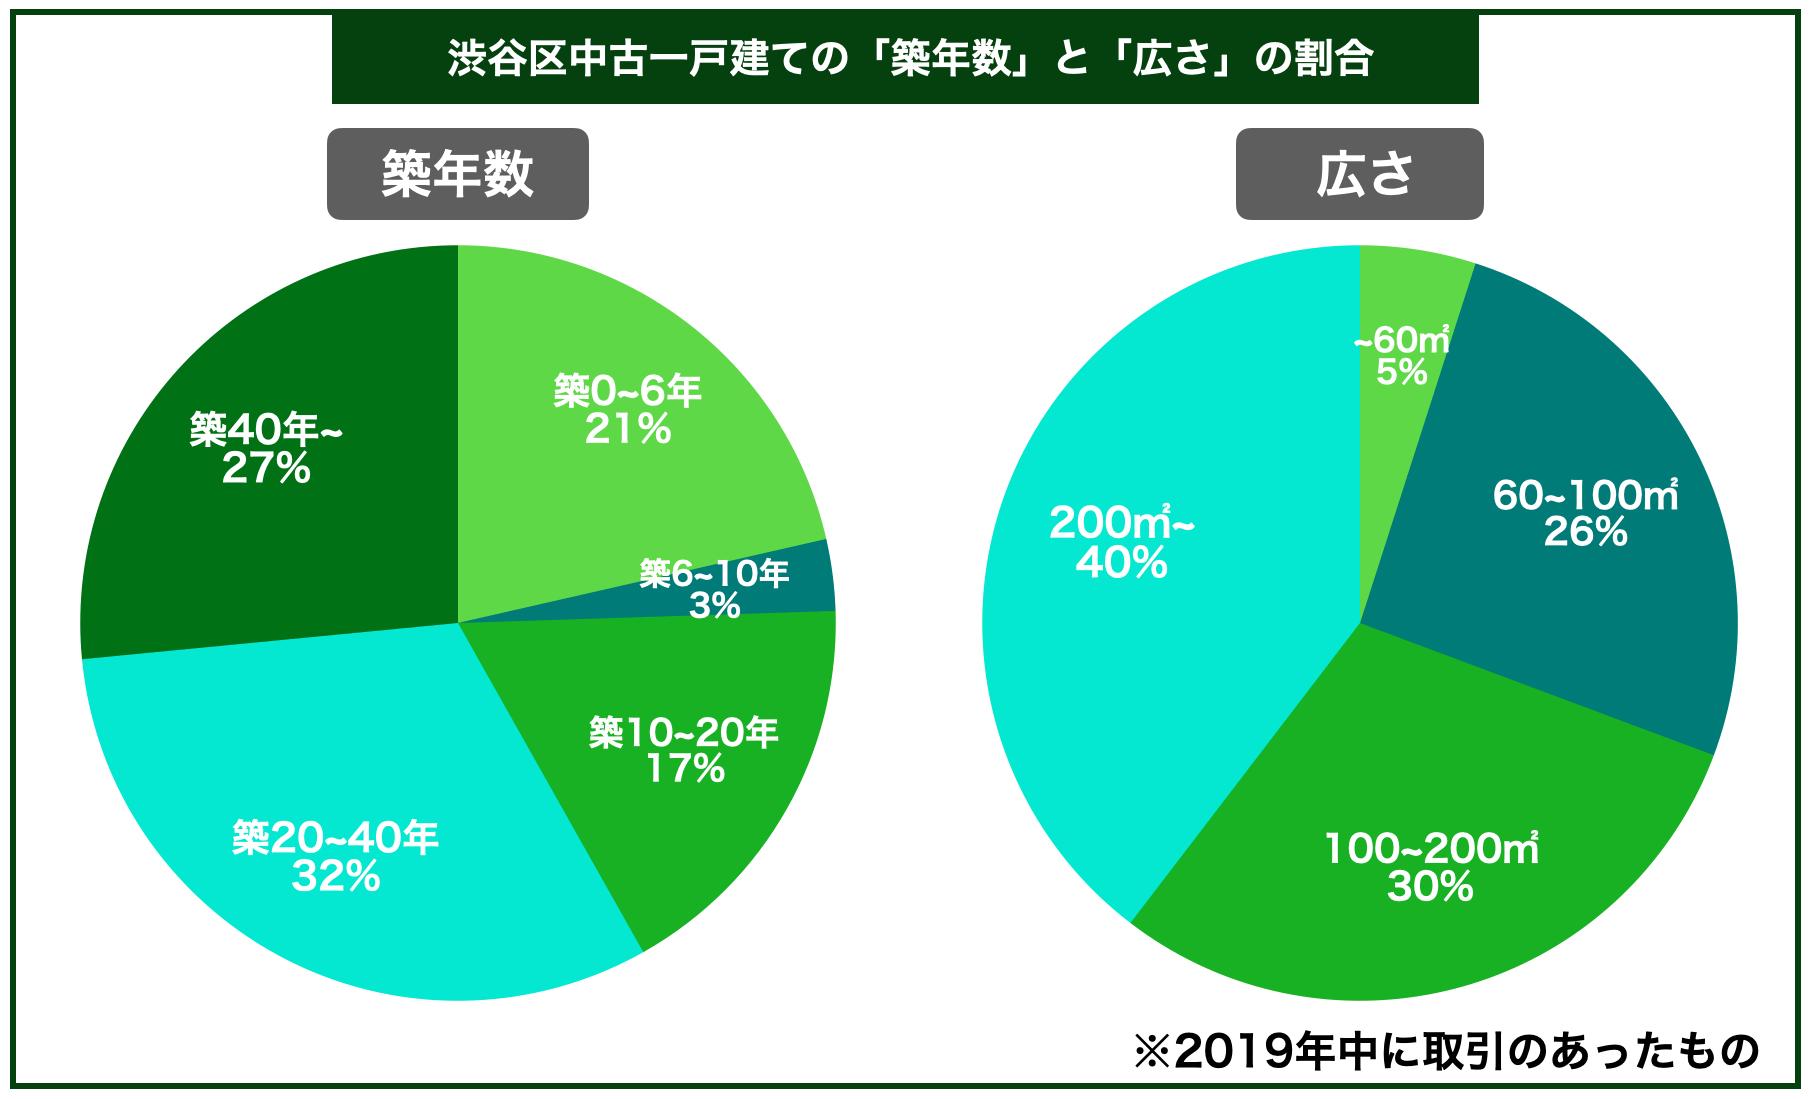 渋谷区中古一戸建ての平均築年数と広さの割合